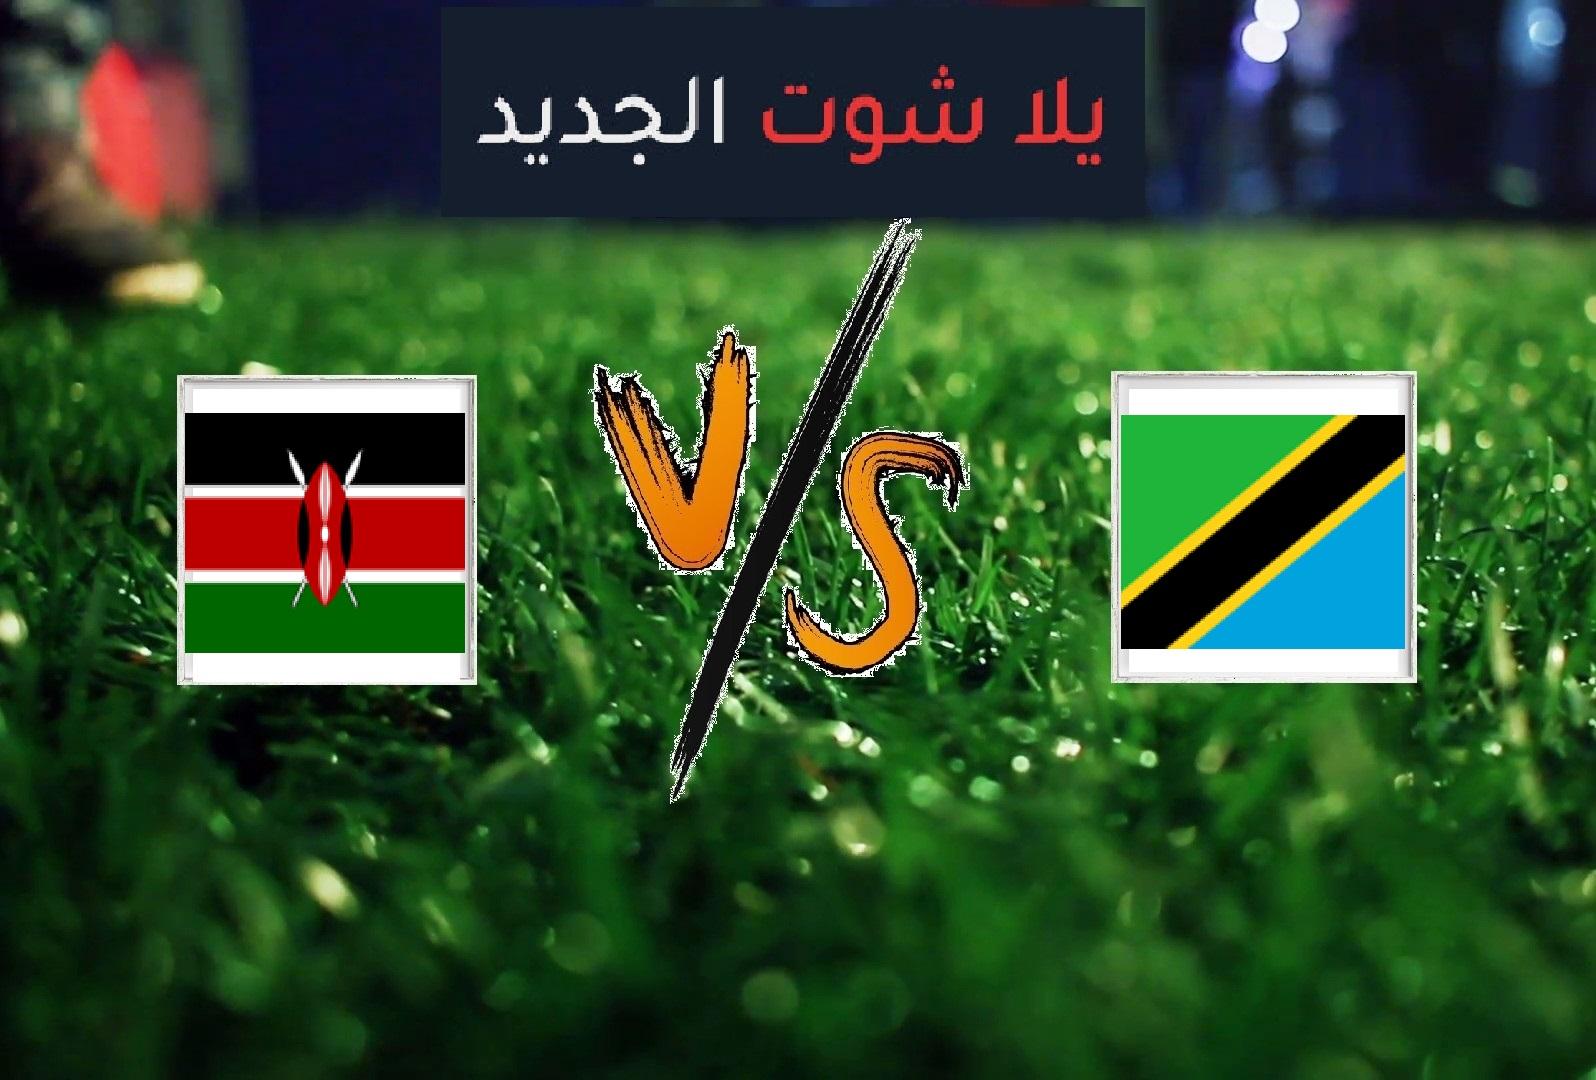 ملخص مباراة كينيا وتنزانيا اليوم الخميس 27/06/2019 كأس الأمم الأفريقية